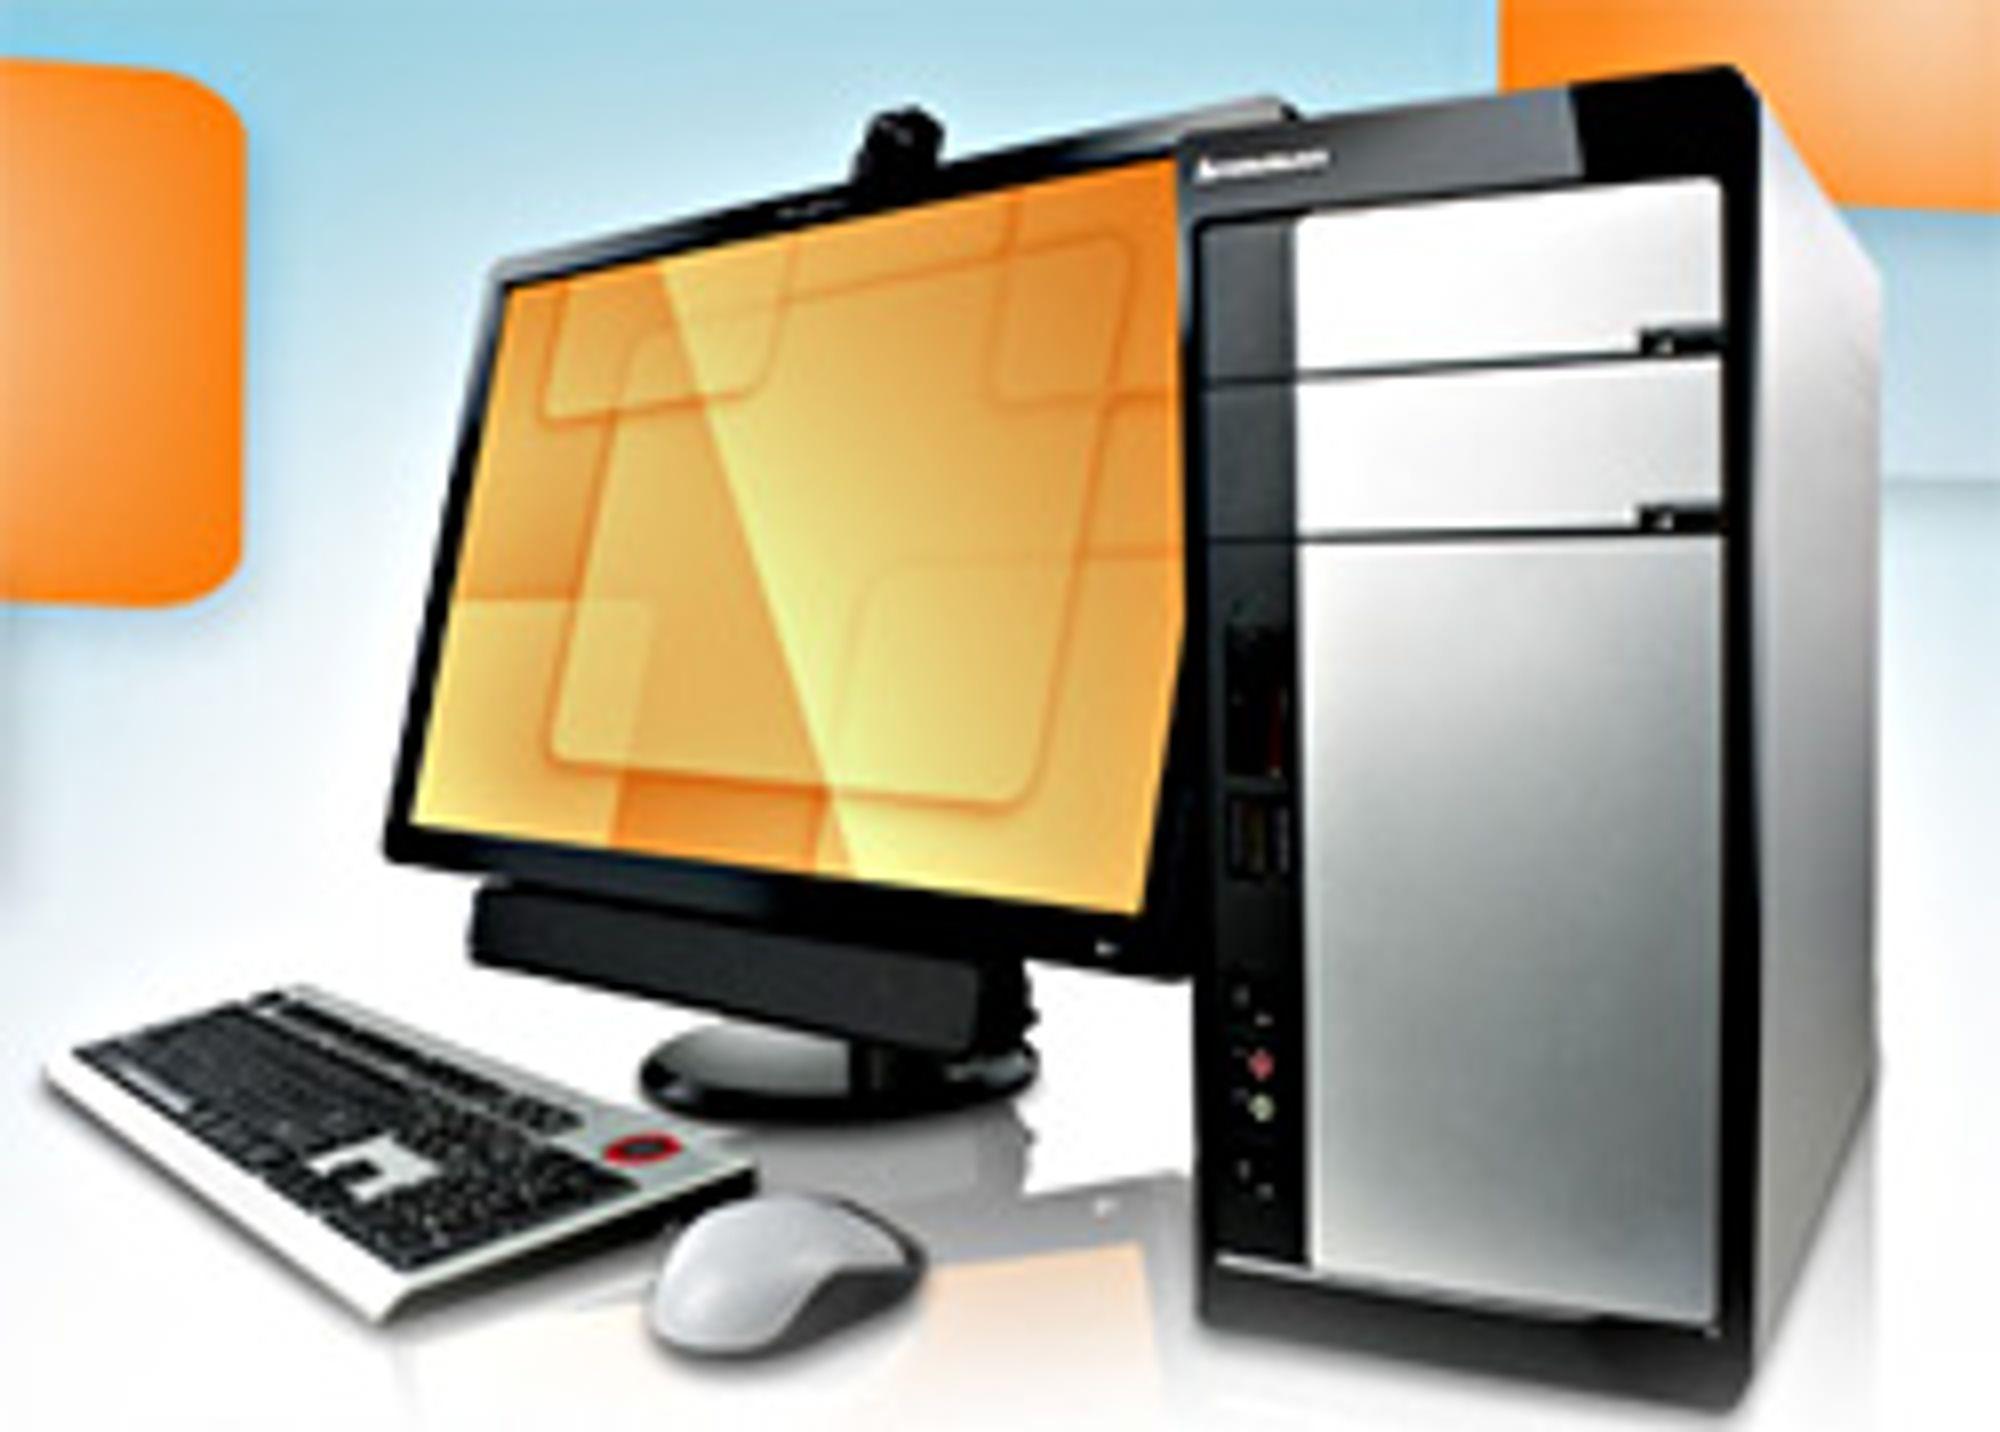 Lenovos nye stasjonære. (Foto: Skjermskudd fra Lenovo.com)